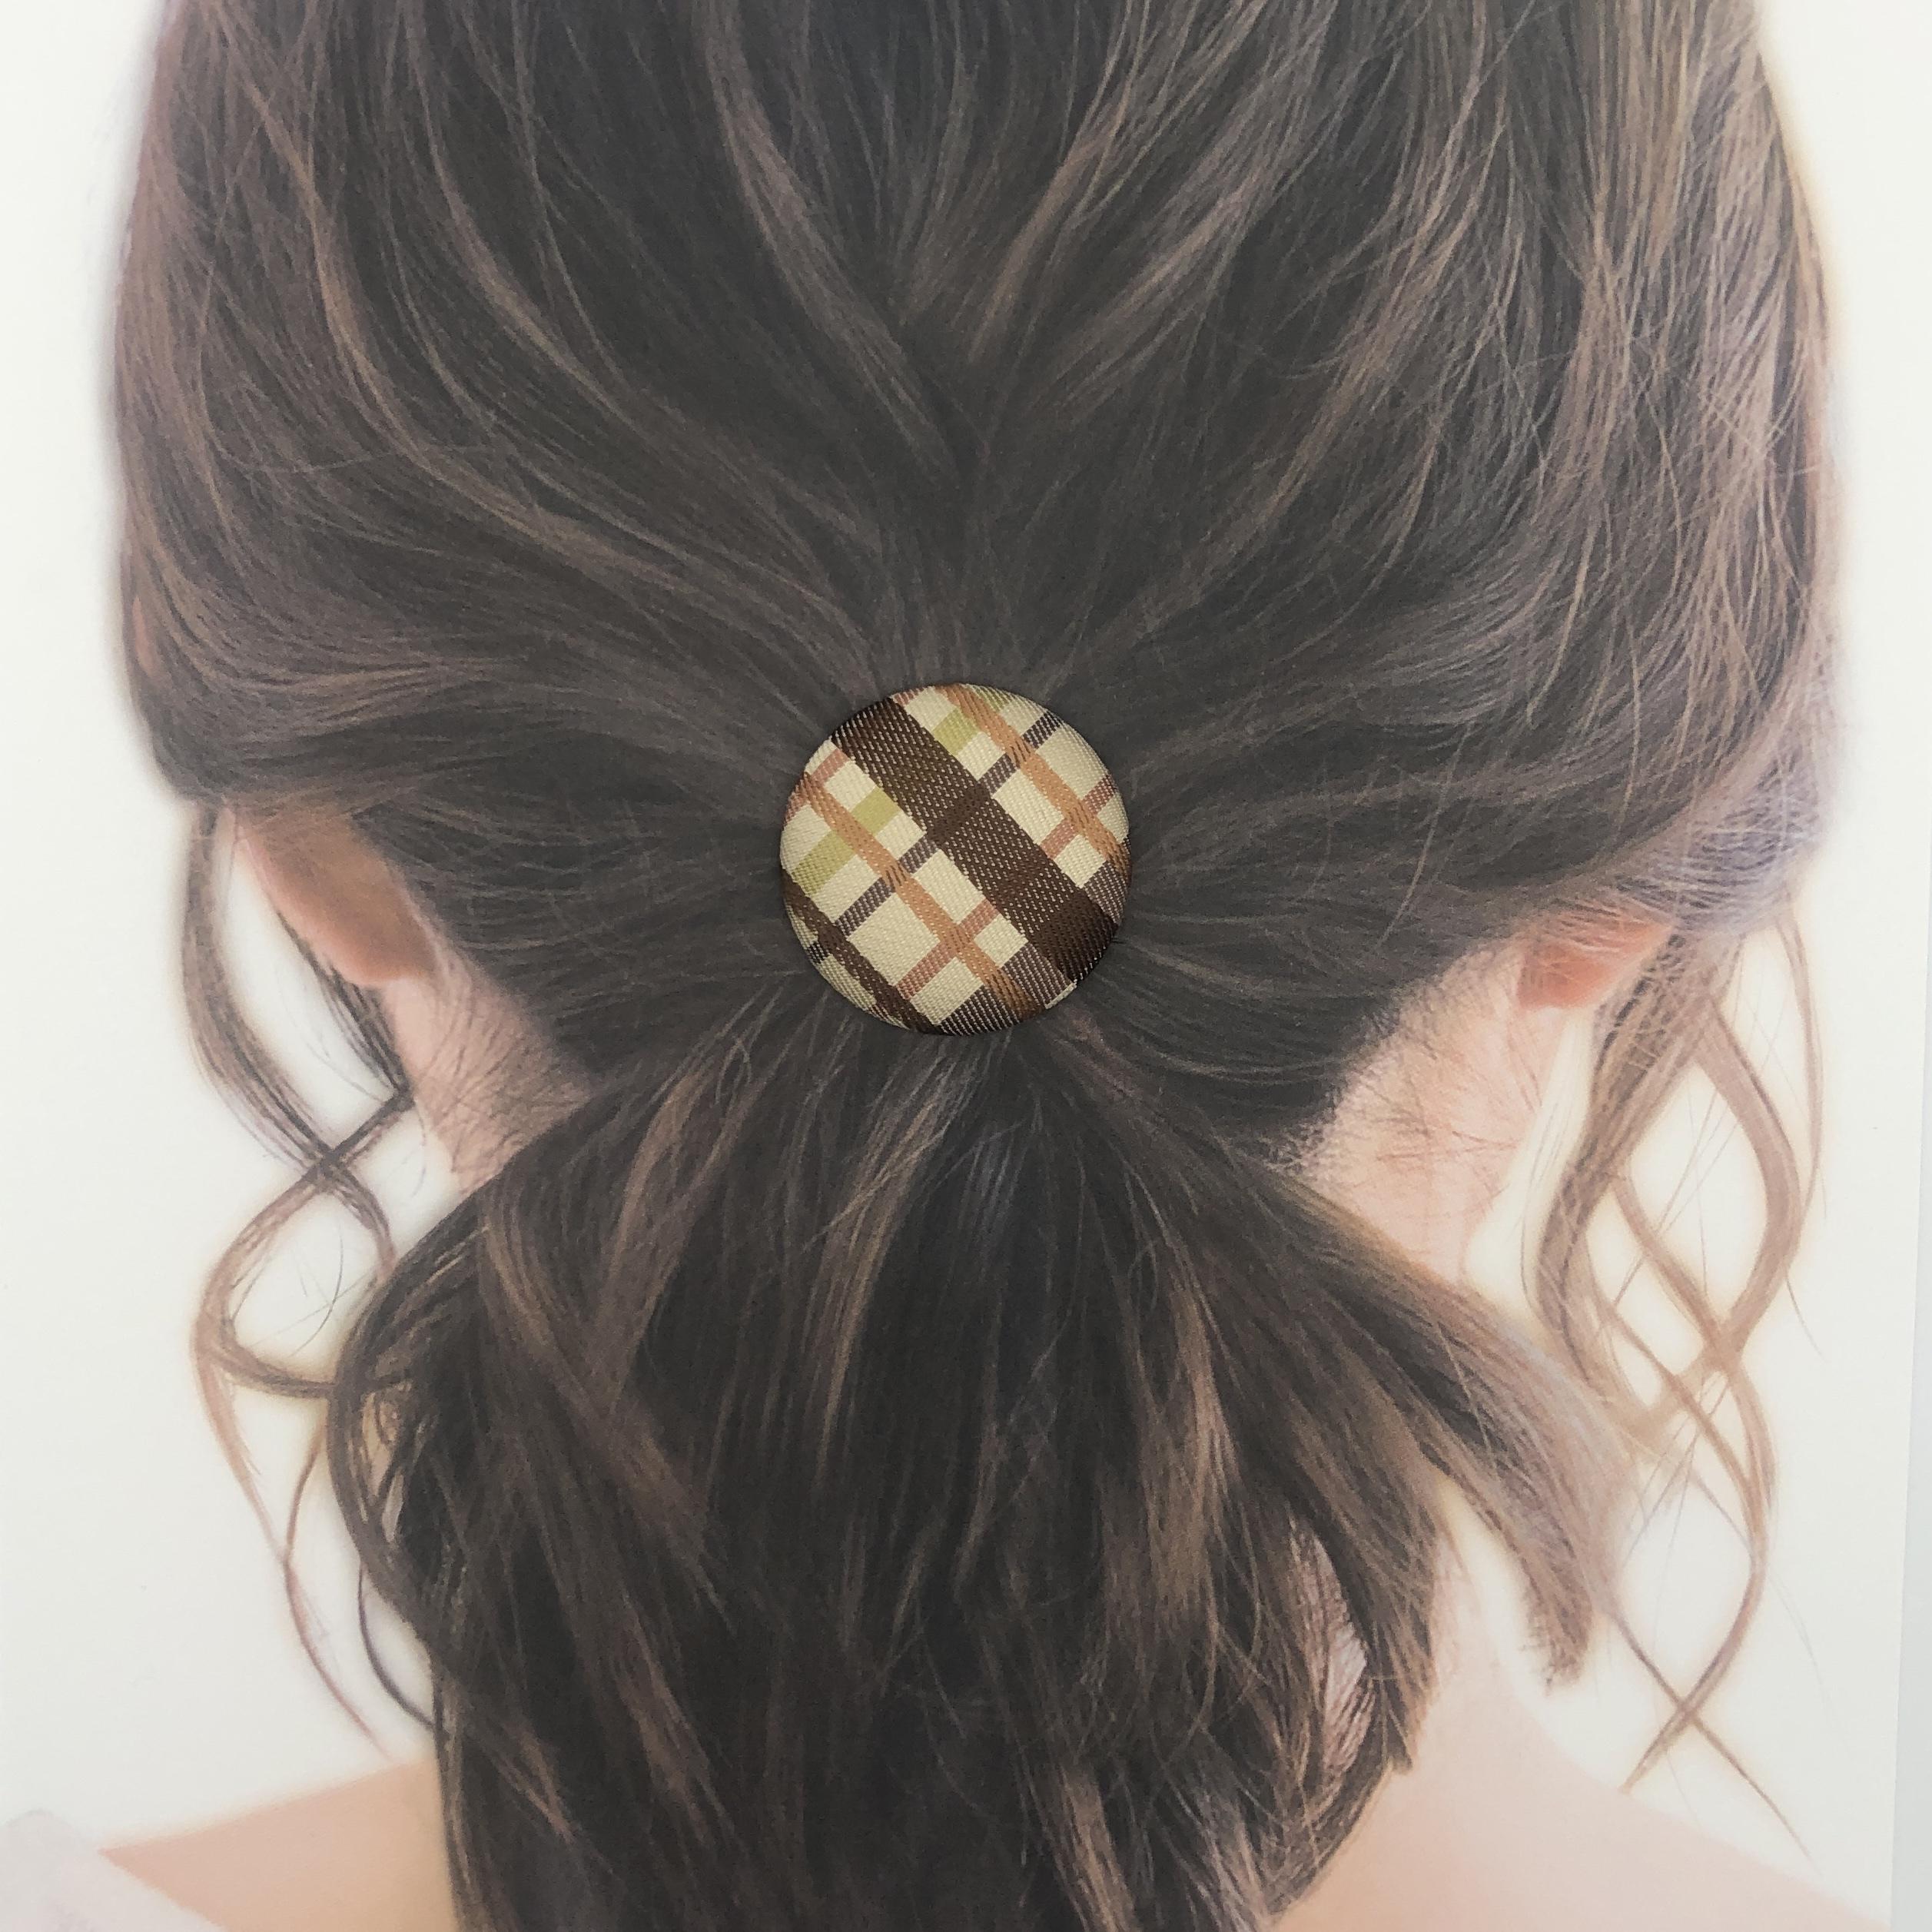 【京友禅ヘアゴム】着物(浴衣/和装/和風)に似合う髪飾り♪もちろん、普段使いも◎着けるだけで簡単!お洒落に[5920]